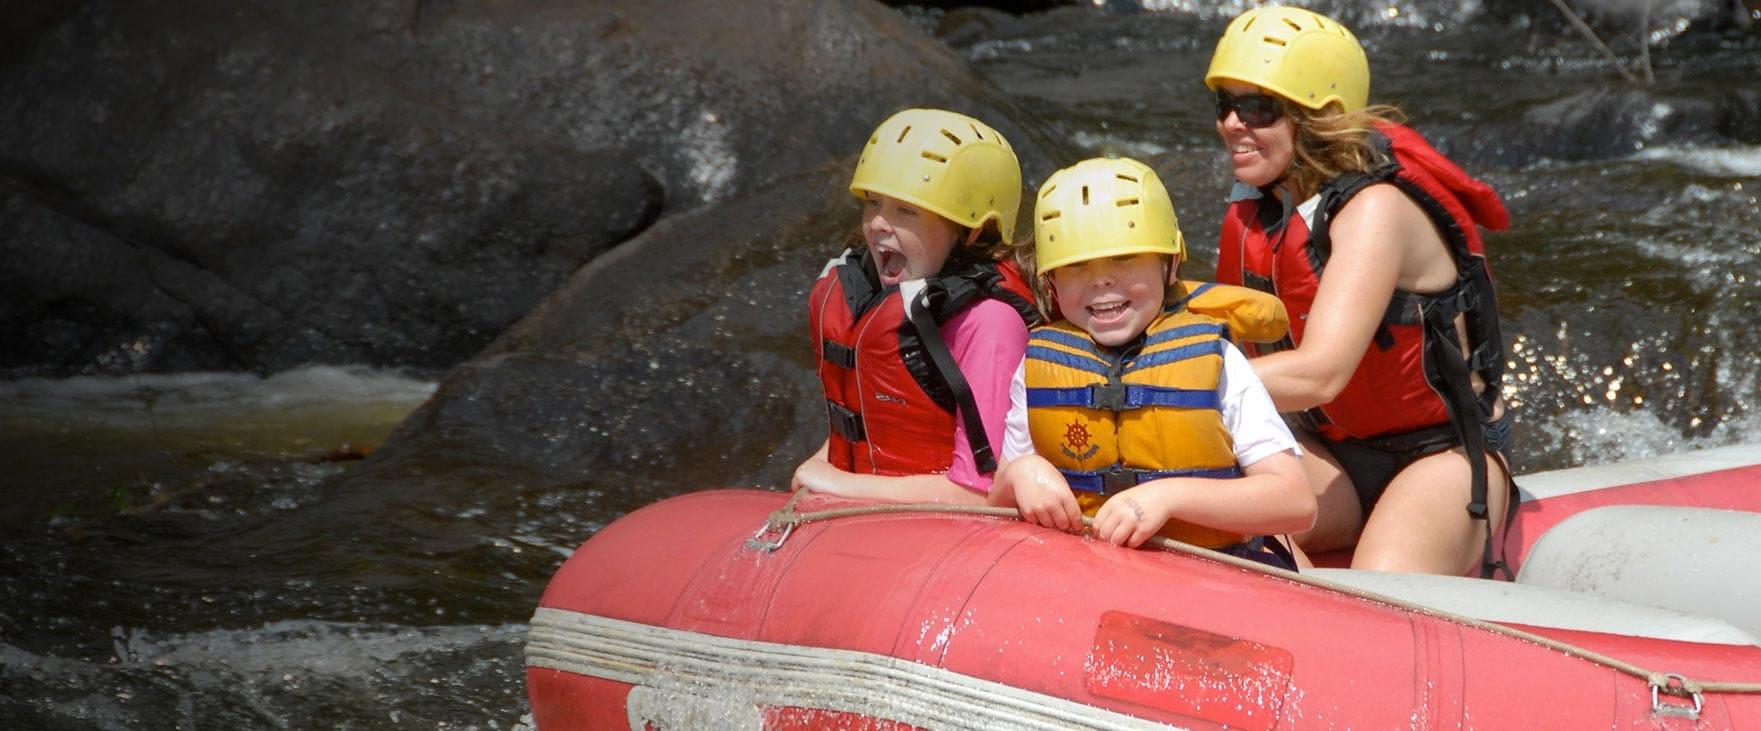 Une expérience familiale accessible ! | Rafting Nouveau Monde | Rafting en eau vive sur la rivière Rouge